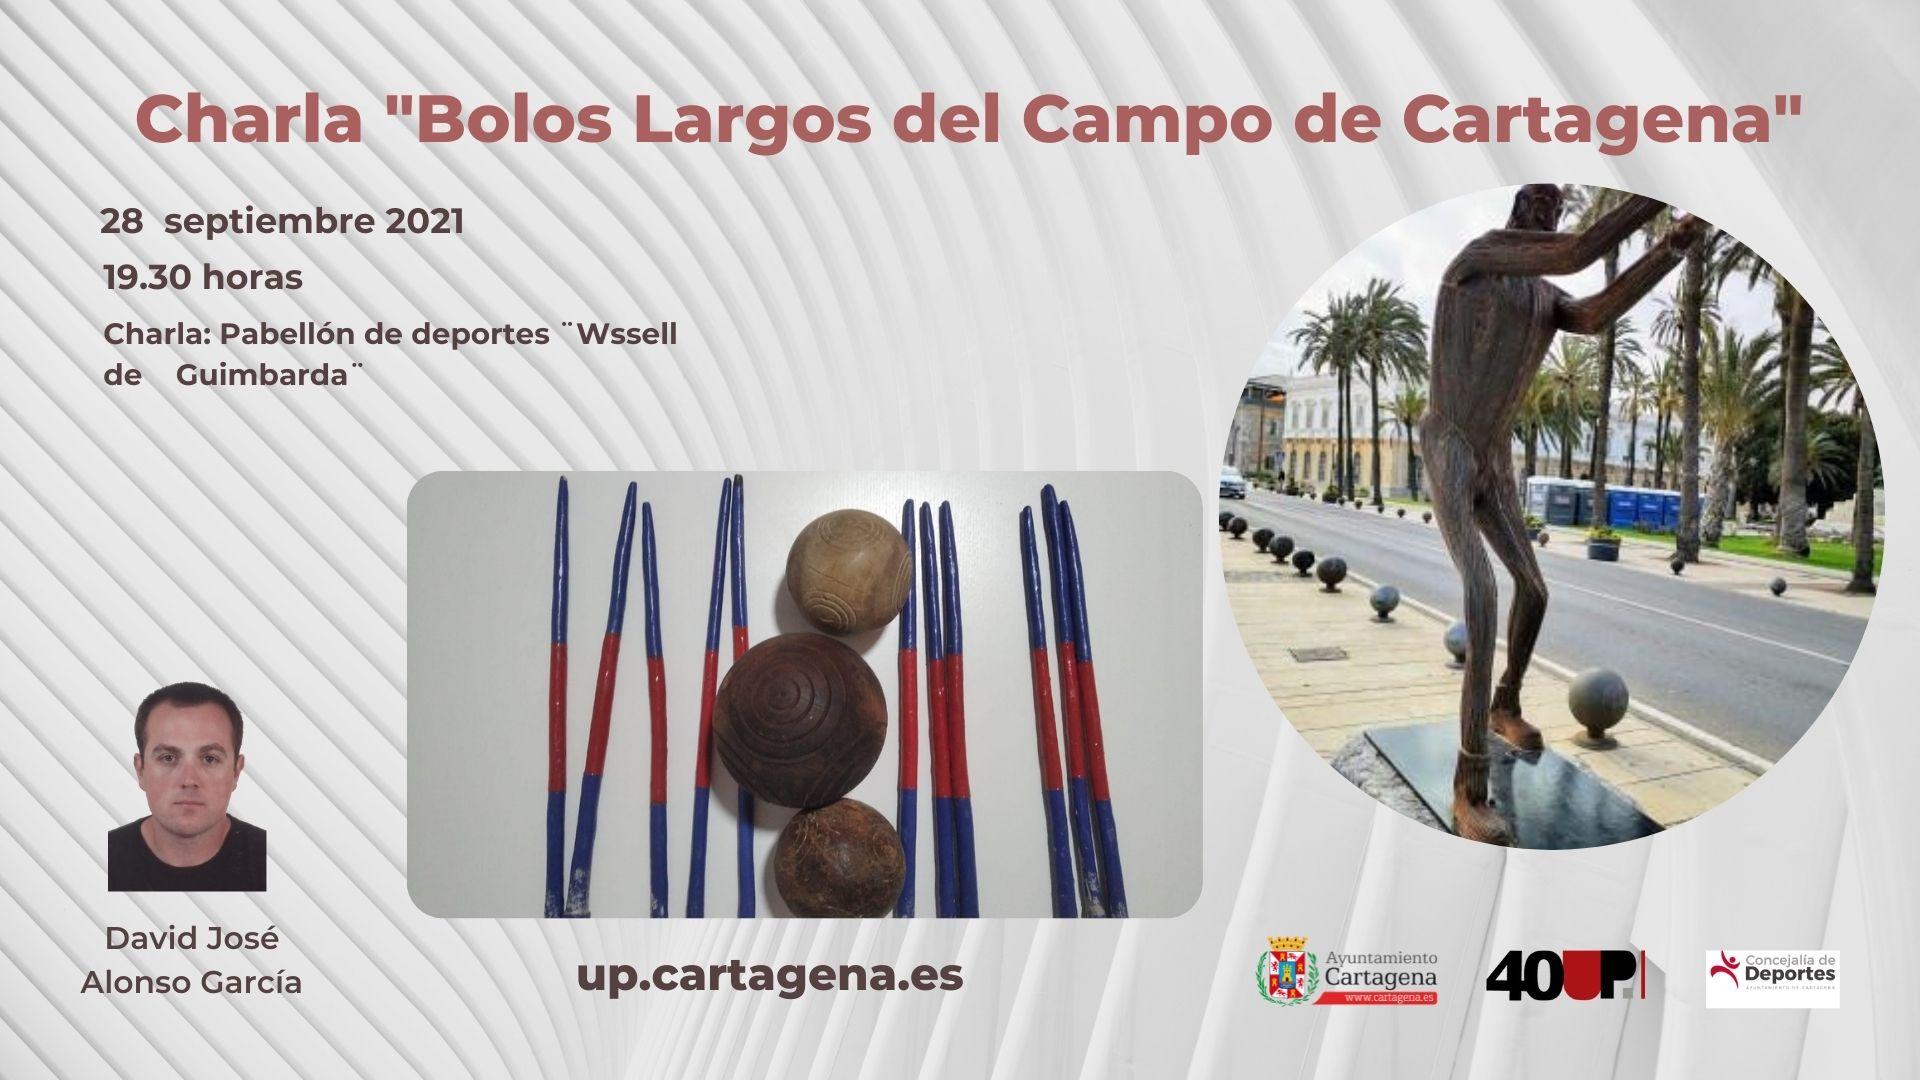 La Universidad Popular continúa celebrando su 40 aniversario con dos ponencias sobre nuestras tradiciones populares